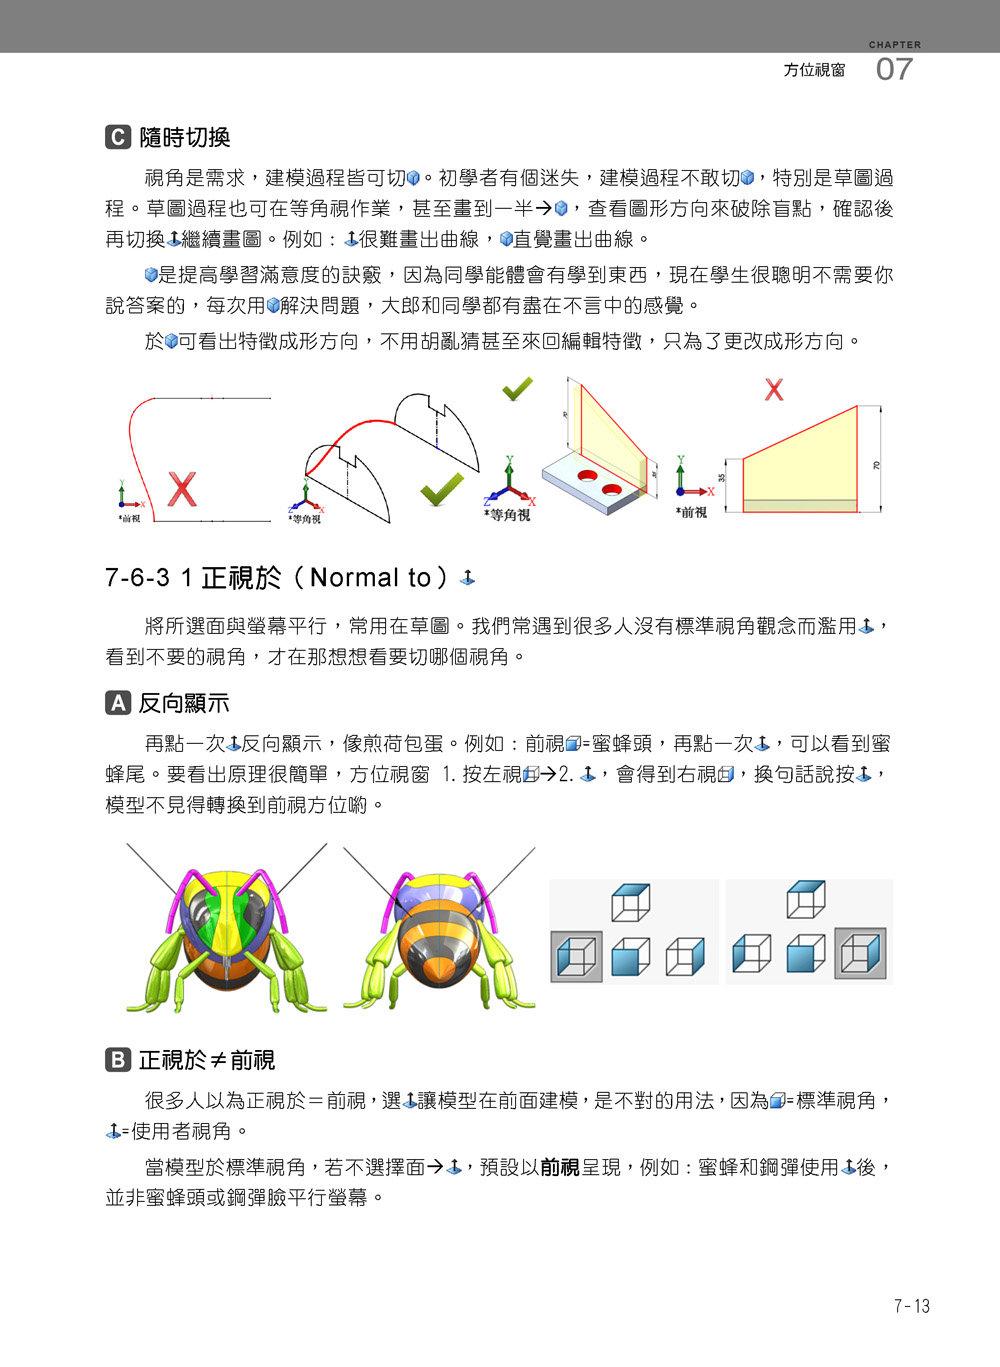 SolidWorks專業工程師訓練手冊[1]-基礎零件, 2/e-preview-6